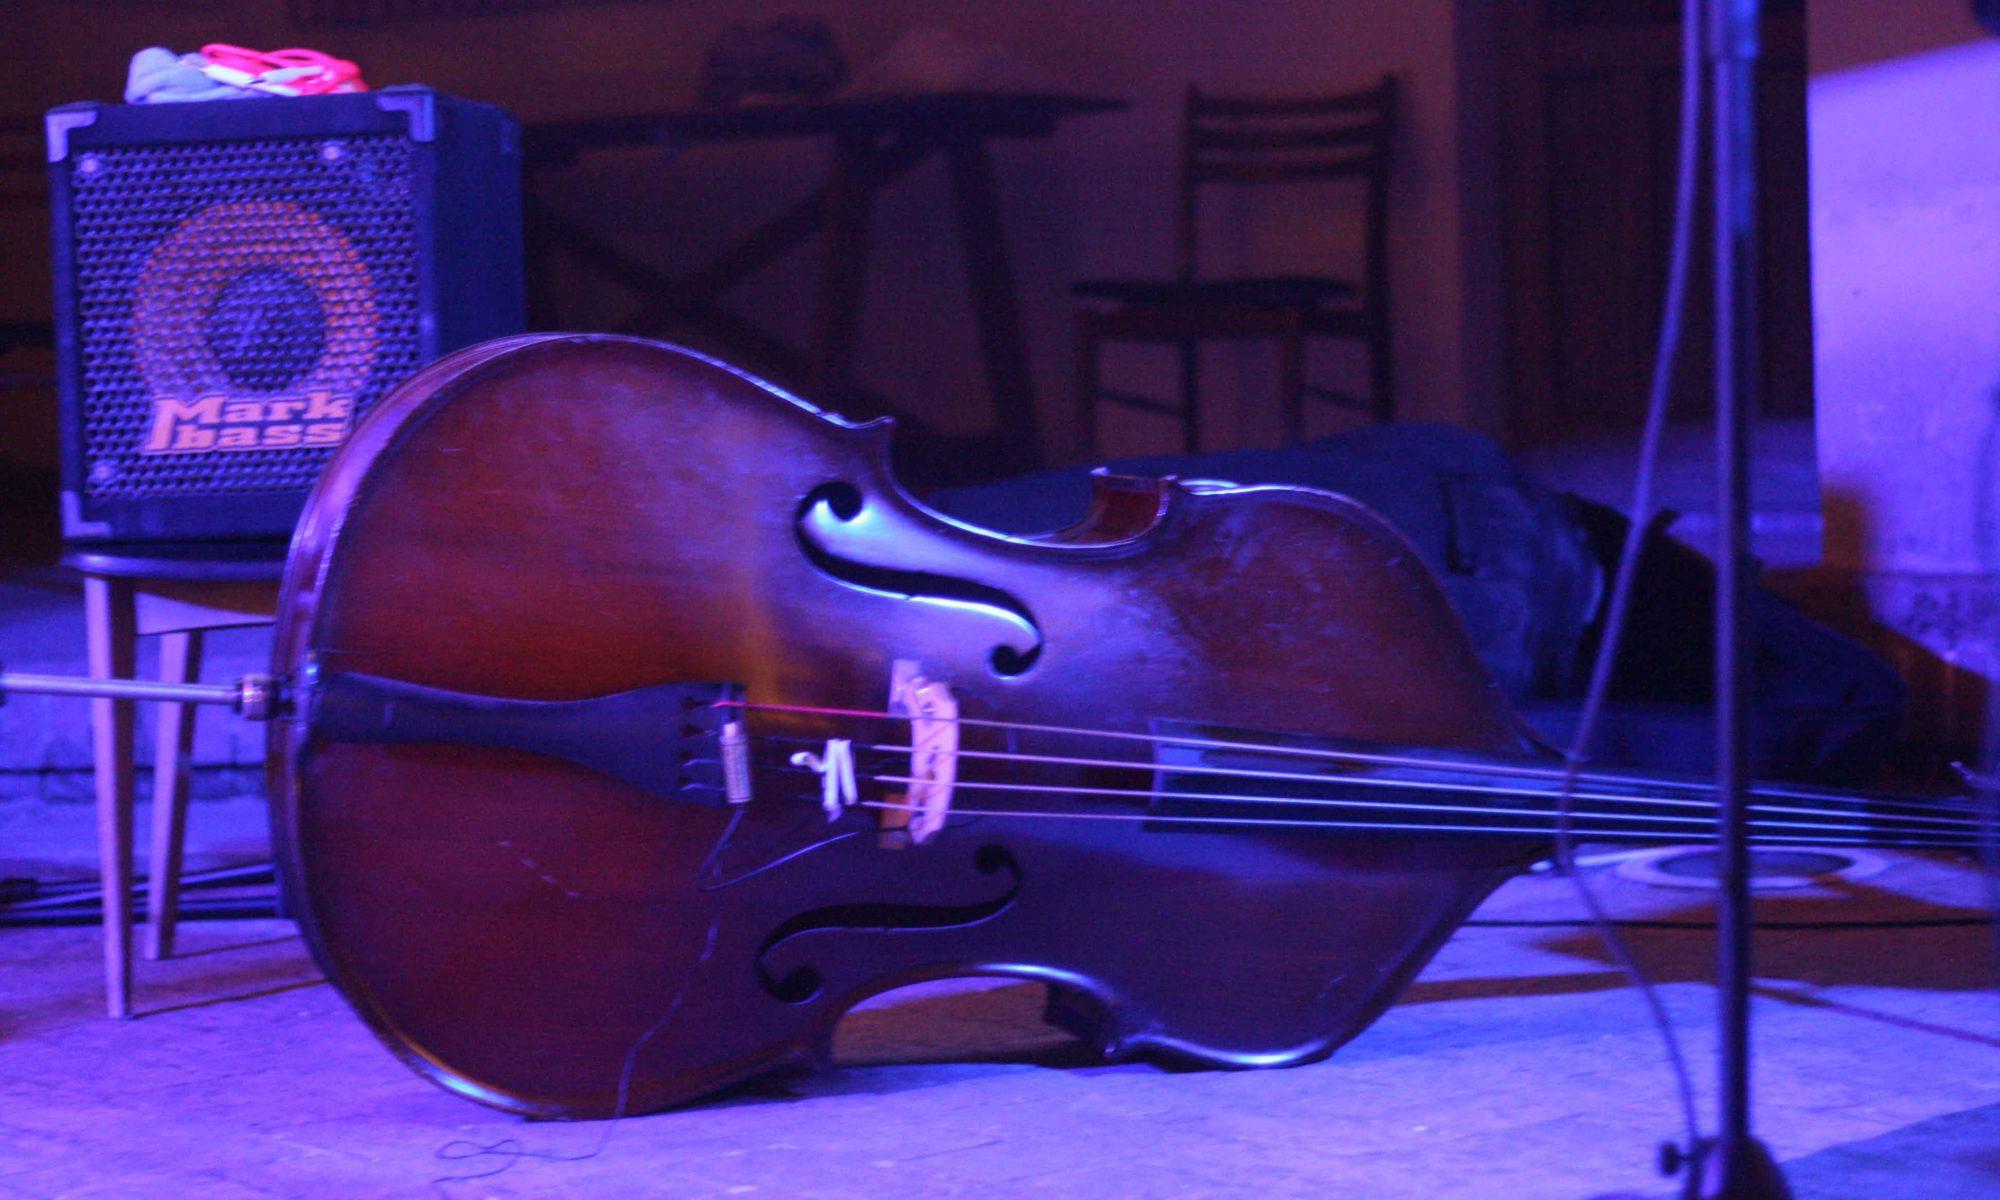 eventi citta delle storie oristano musica degustazione vino spettacoli musica giochi antichi concerto